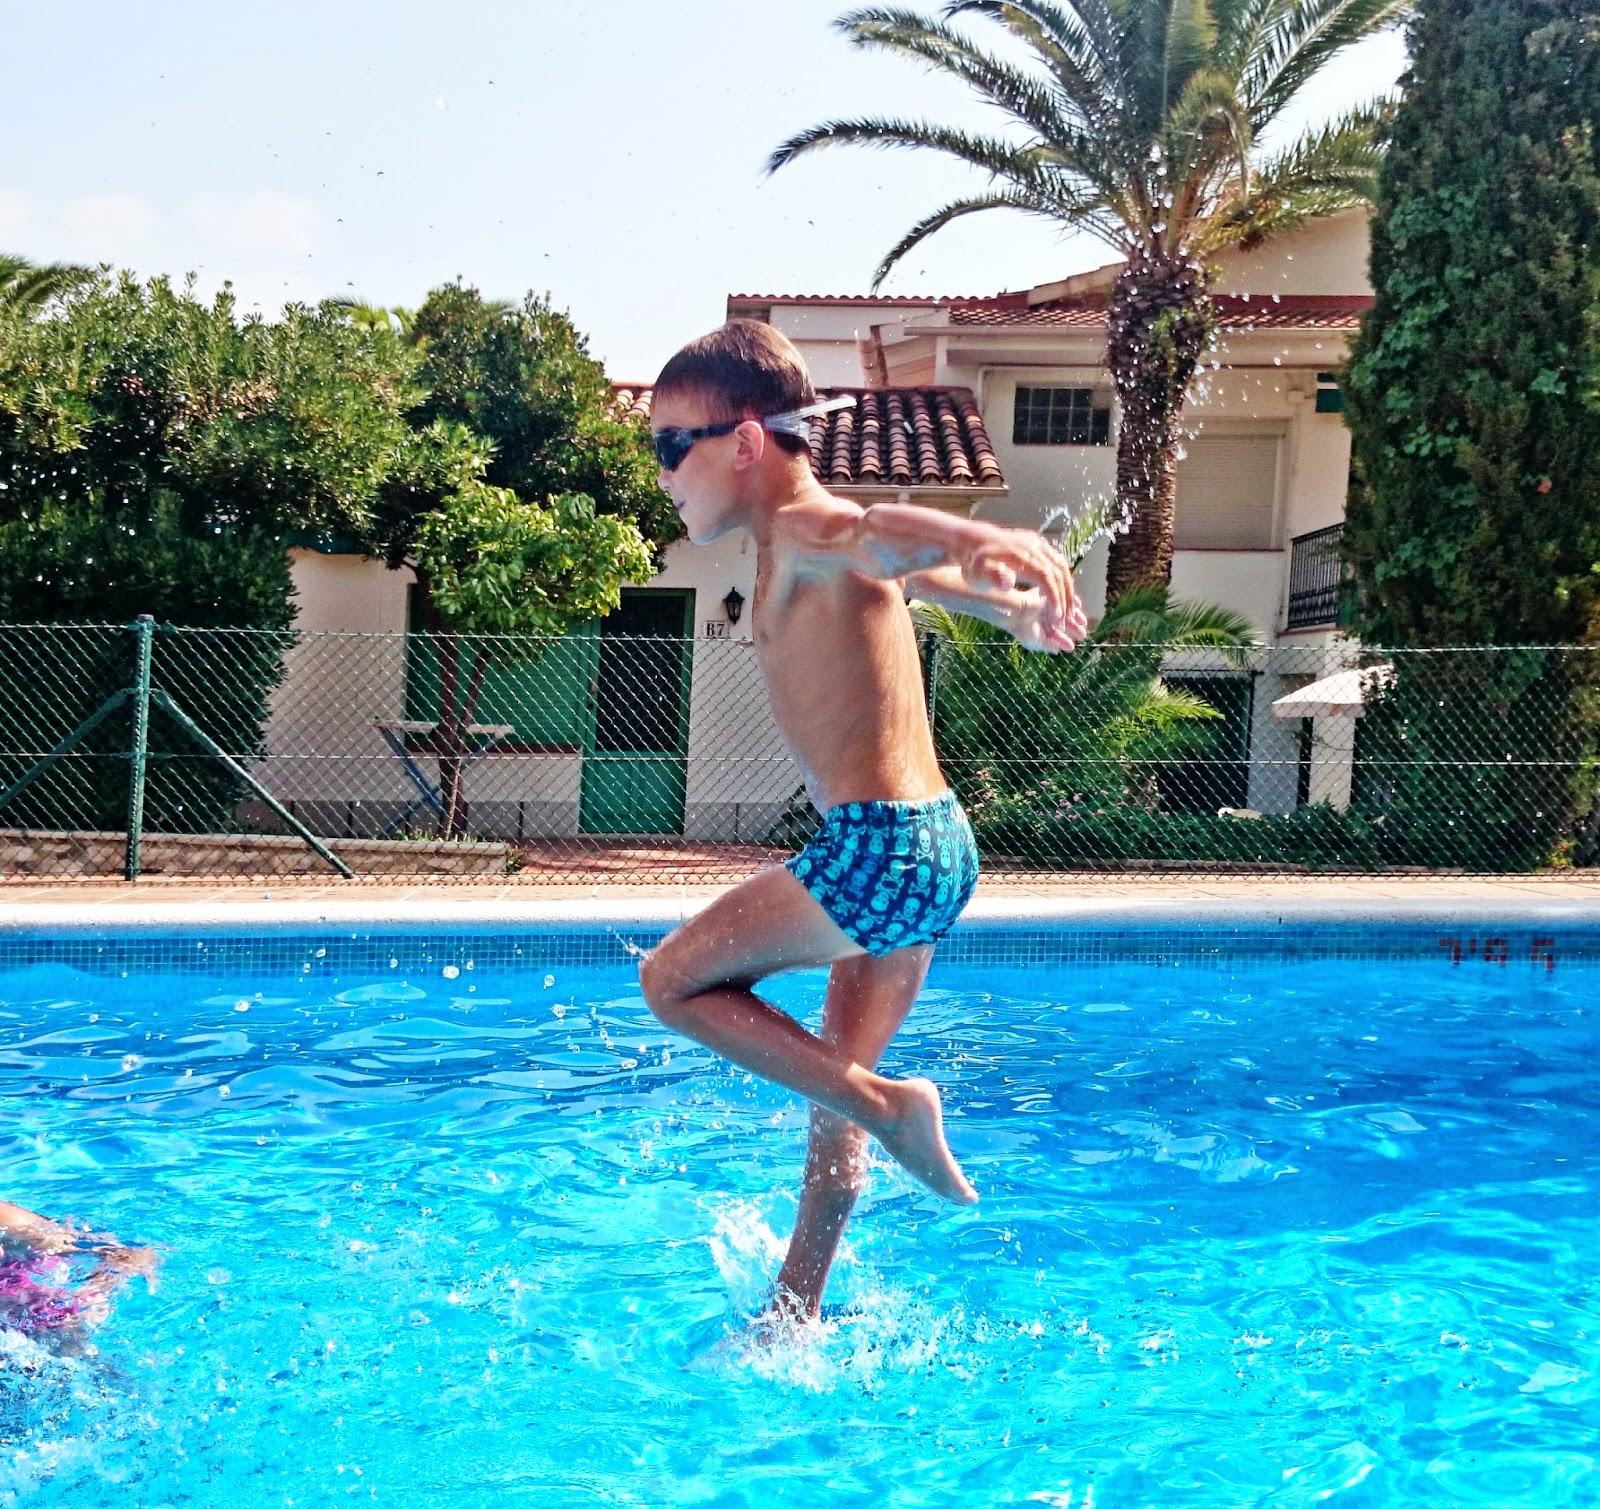 stanie na wodzie,skok do wody,piruet na wodzie,dzieci w basenie,piękne zdjęcie w wodzie,jak zrobić ładne zdjęcie na tle wody,artystyczne zdjęcia w basenie